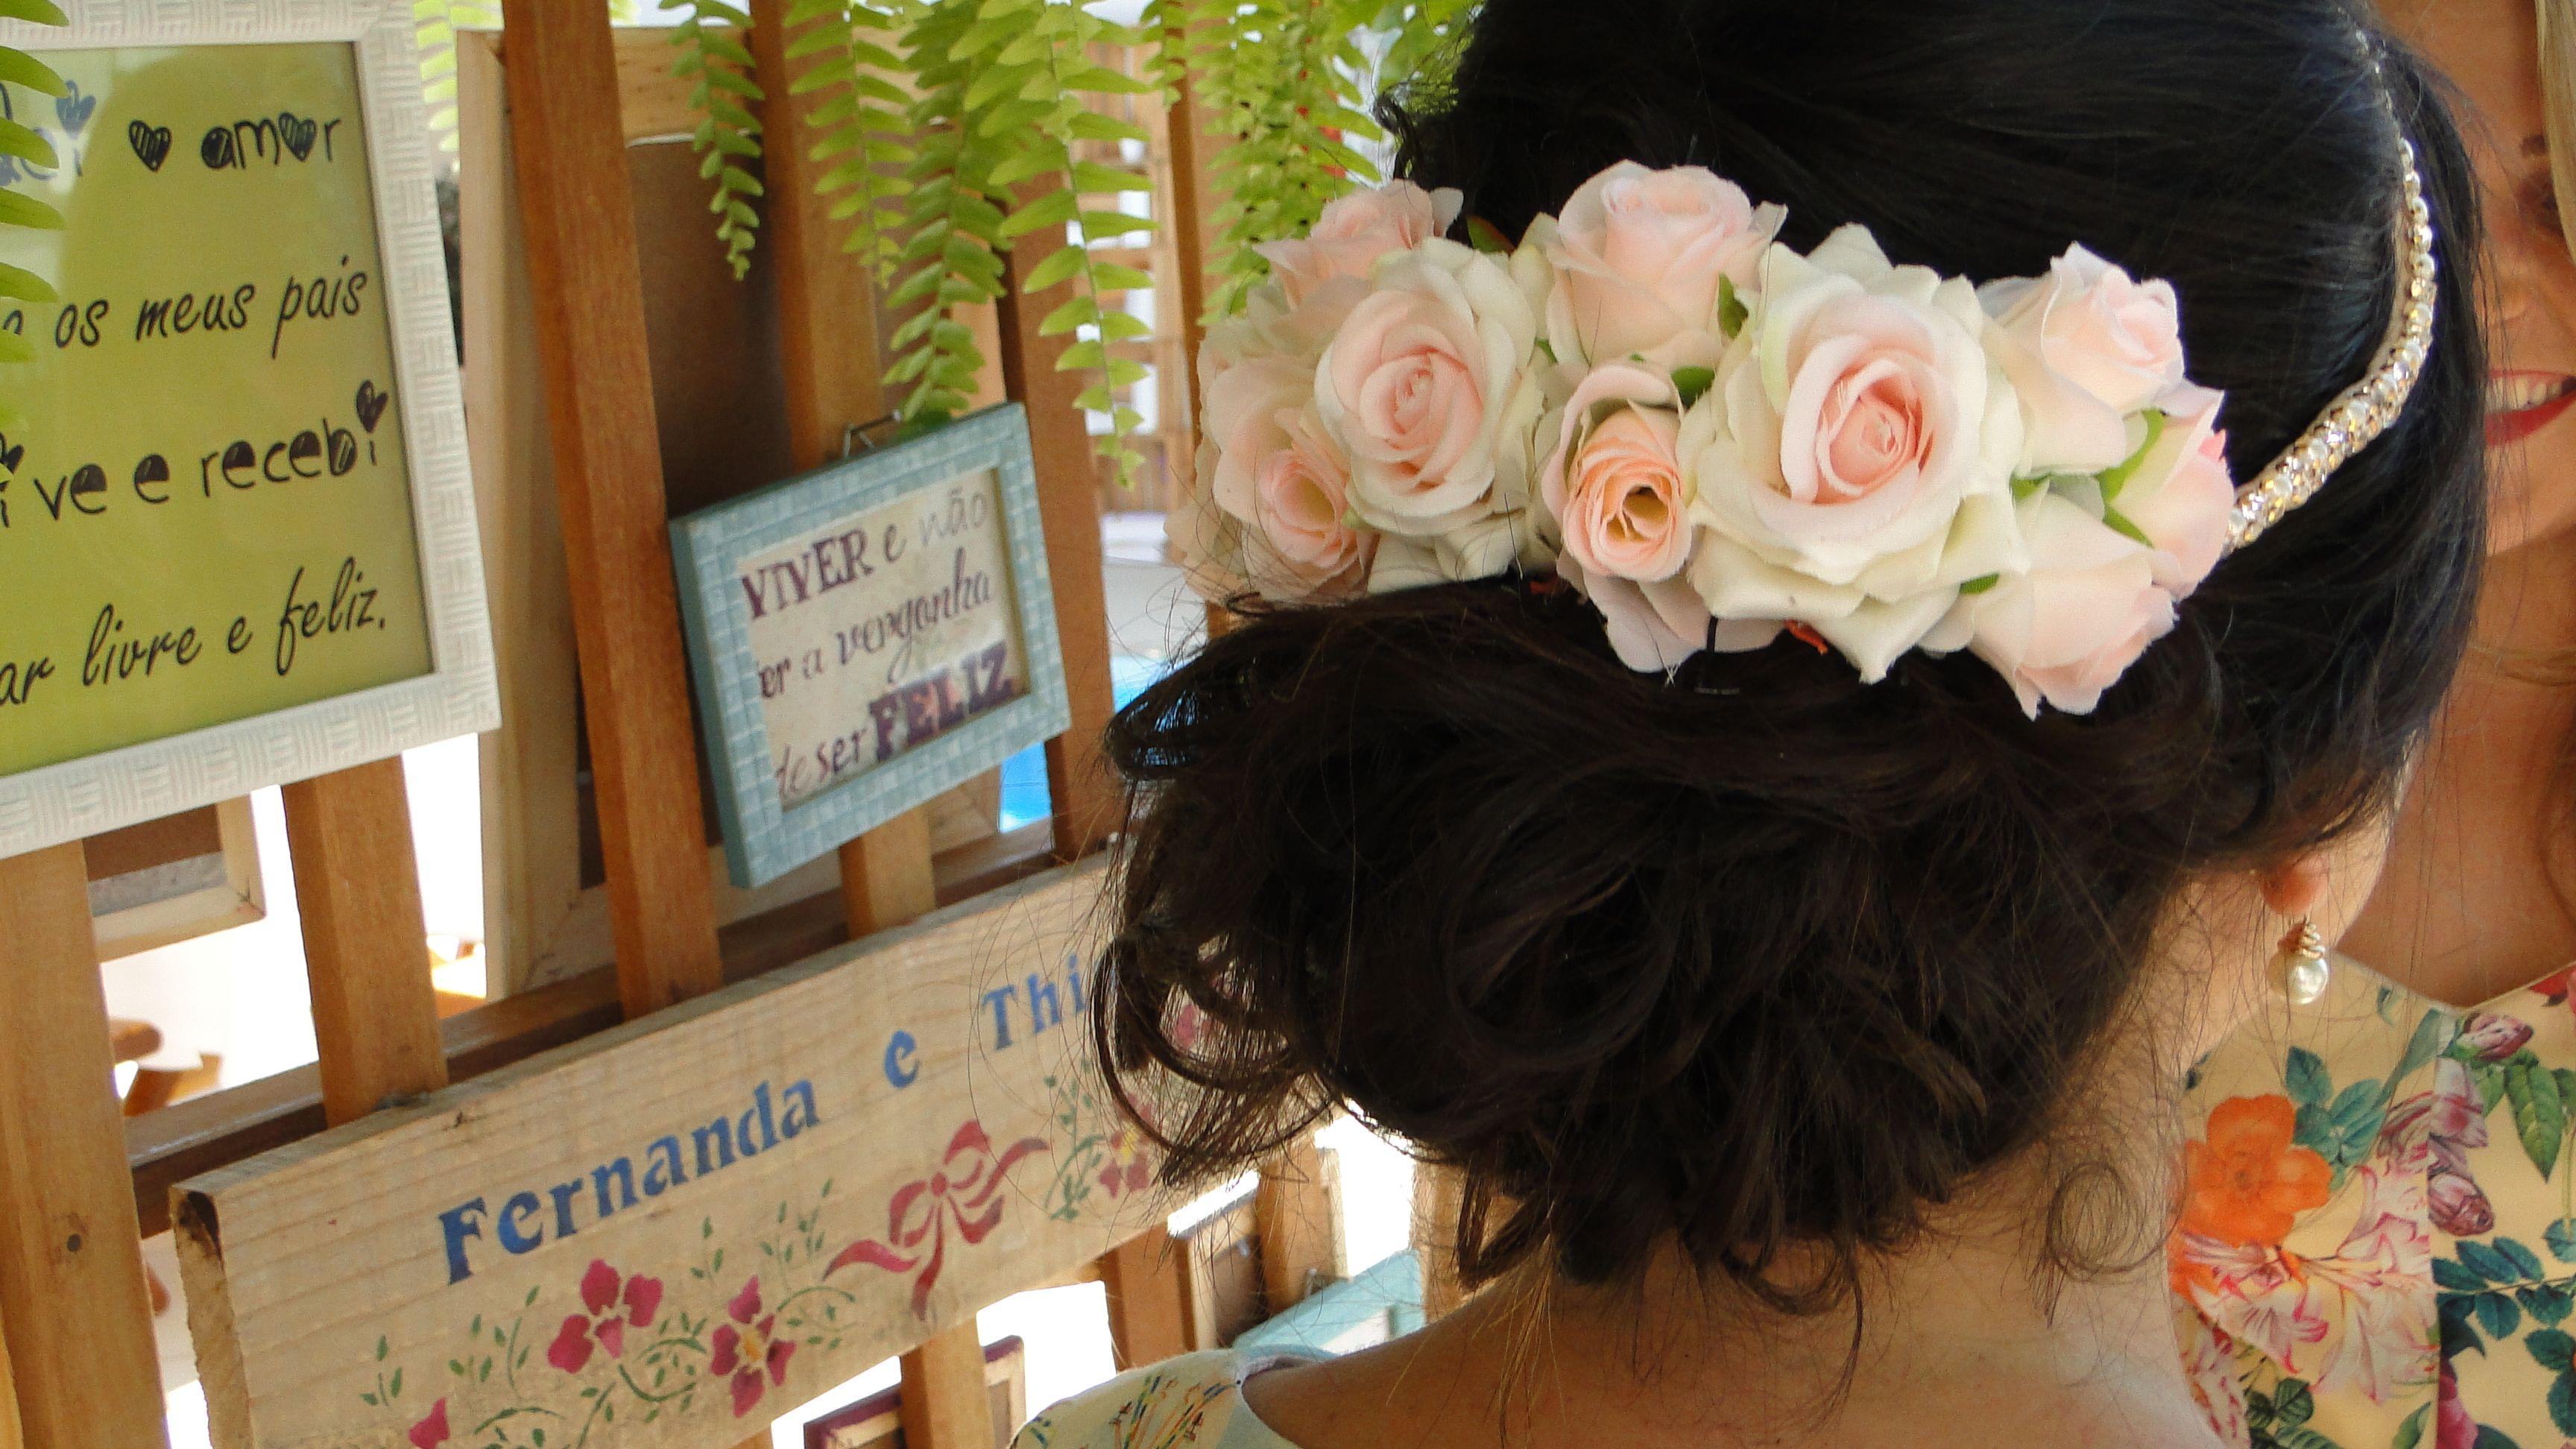 Penteado e coroa de flores ideais para casamento e eventos diurnos.